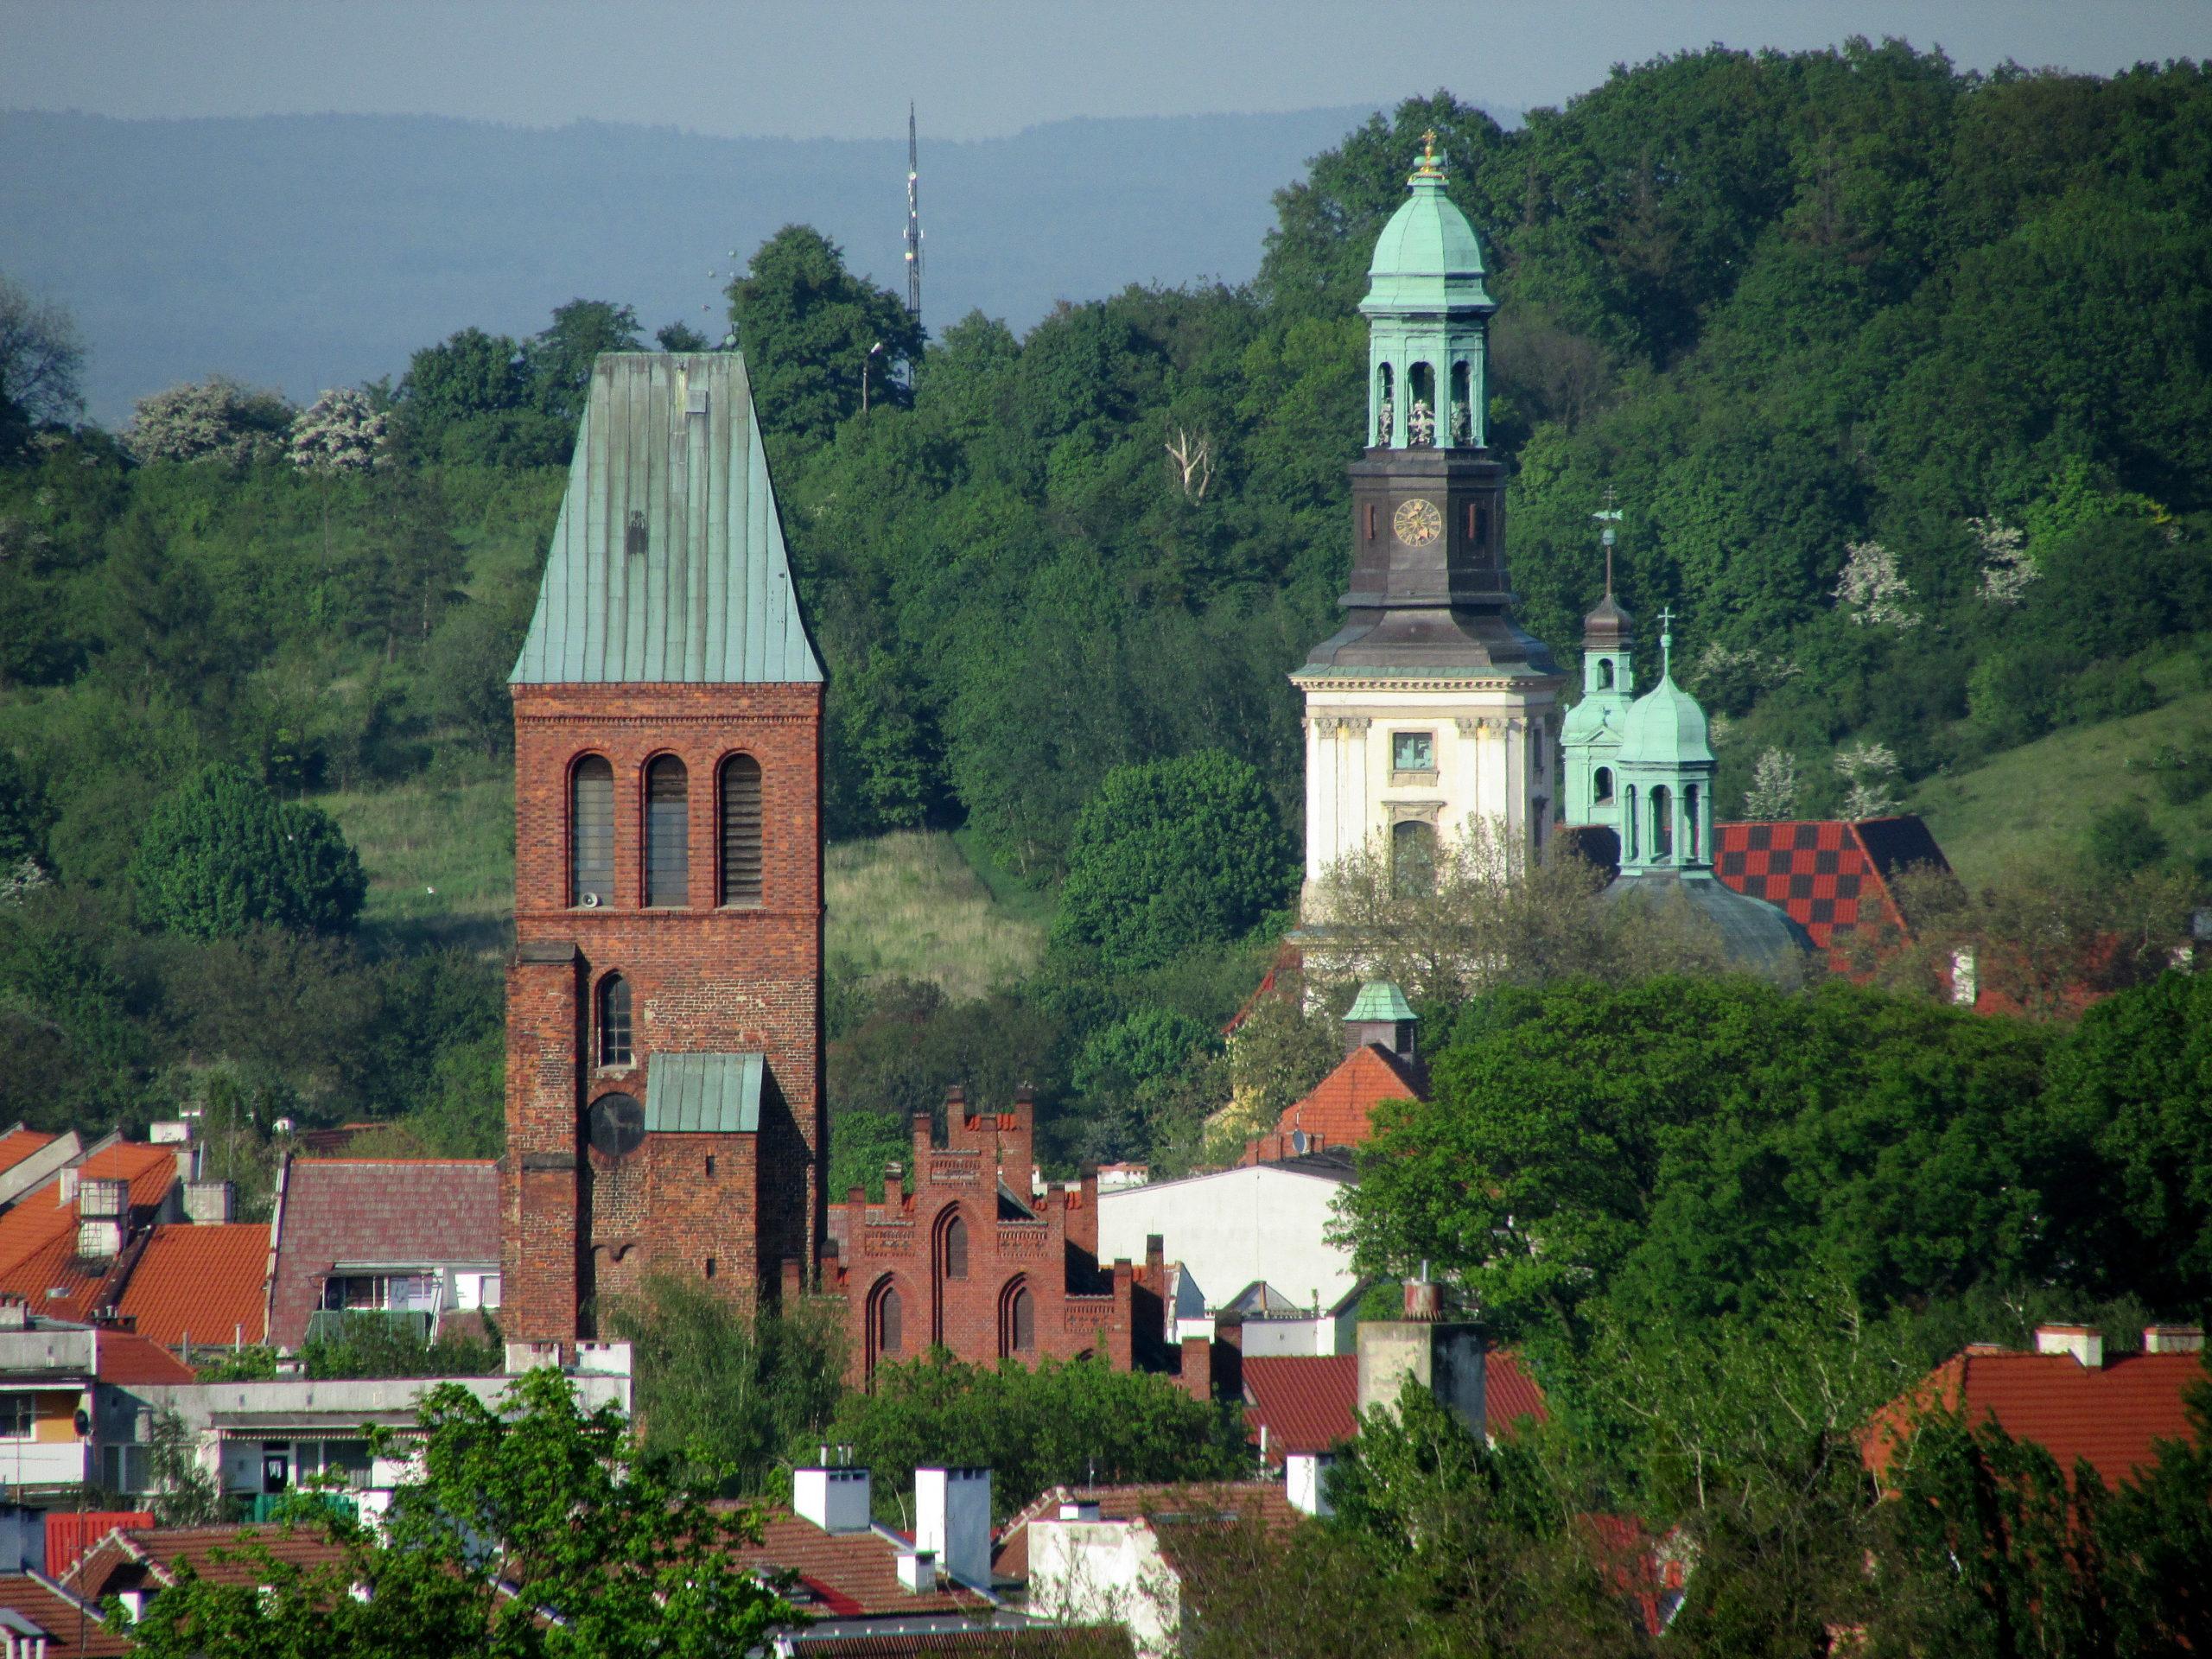 Trasa 28 Oborniki Śląskie - Wilczyn – Mienice – Węgrzynów – Trzebnica